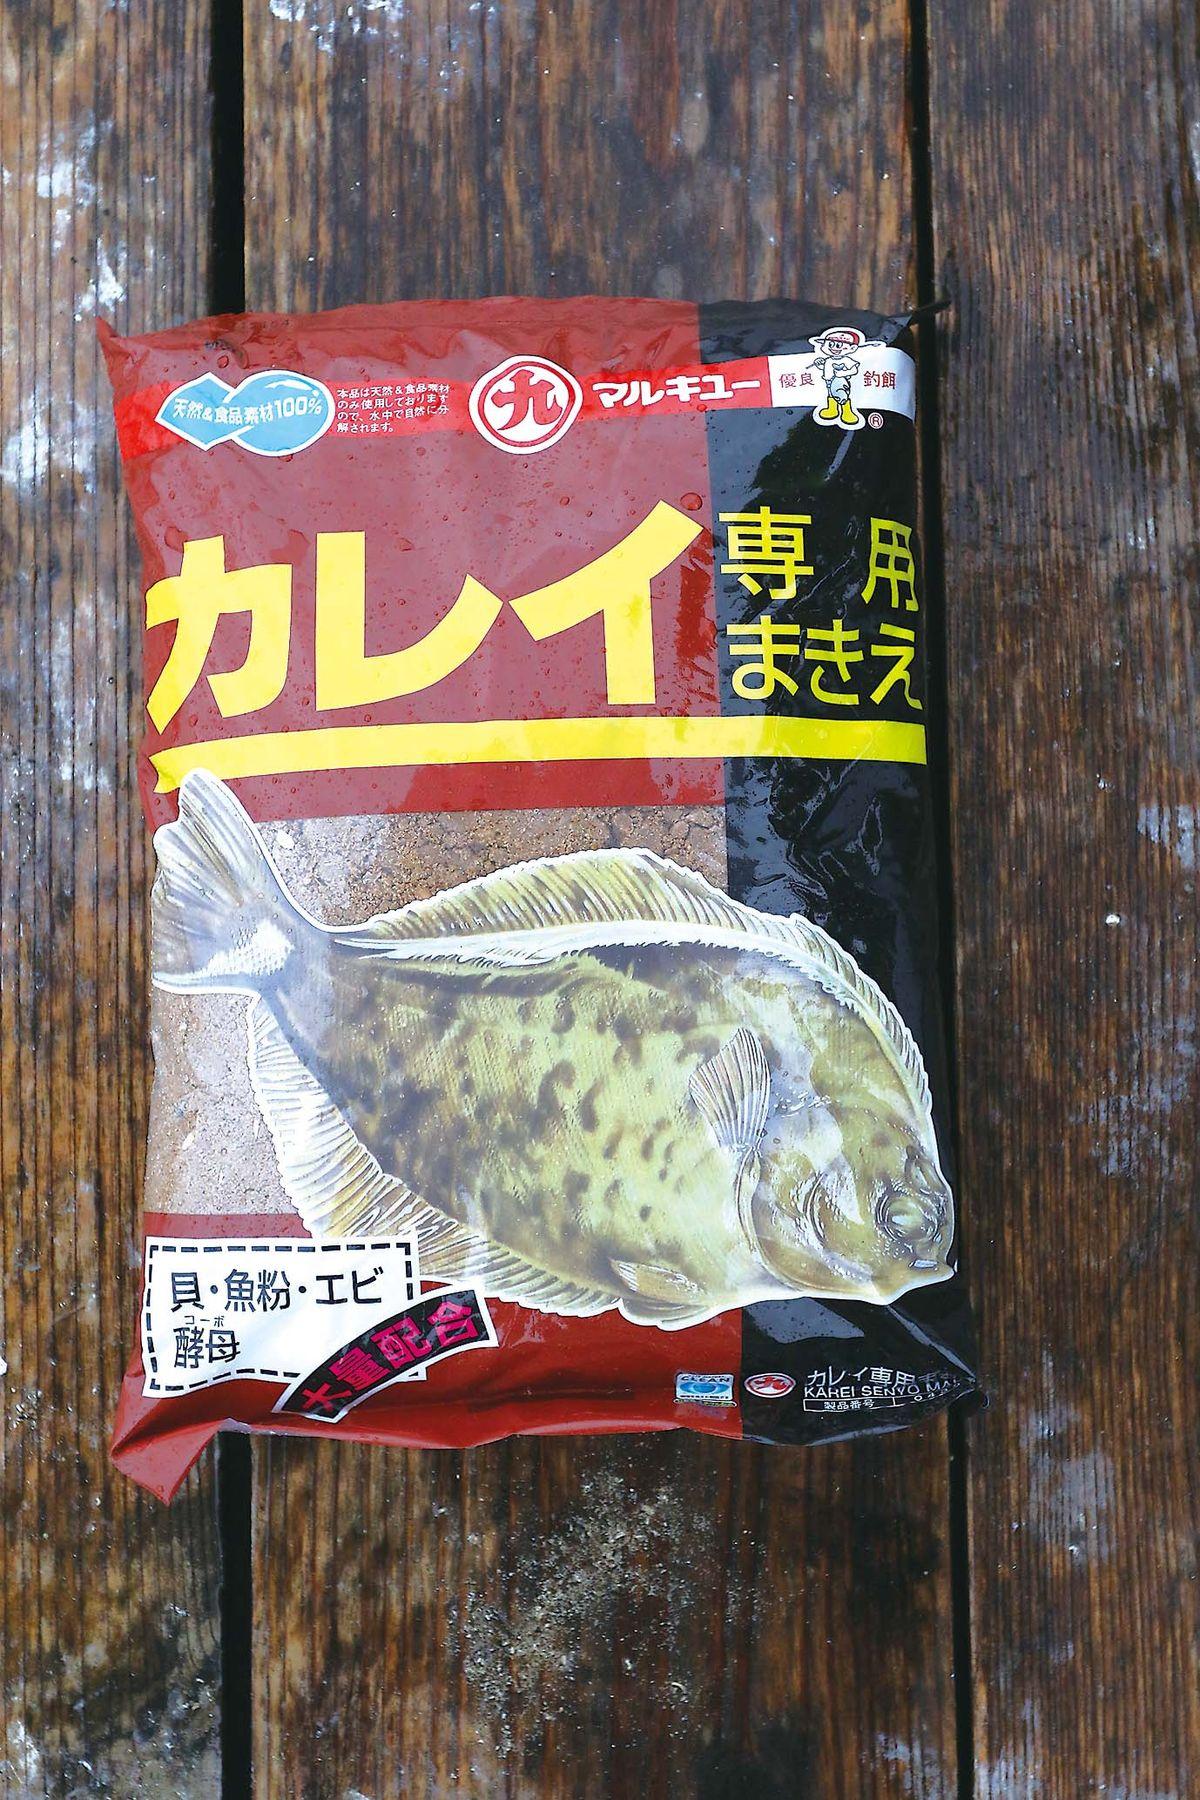 092-103_zenkokutsuriba04-2_cs6 (48)